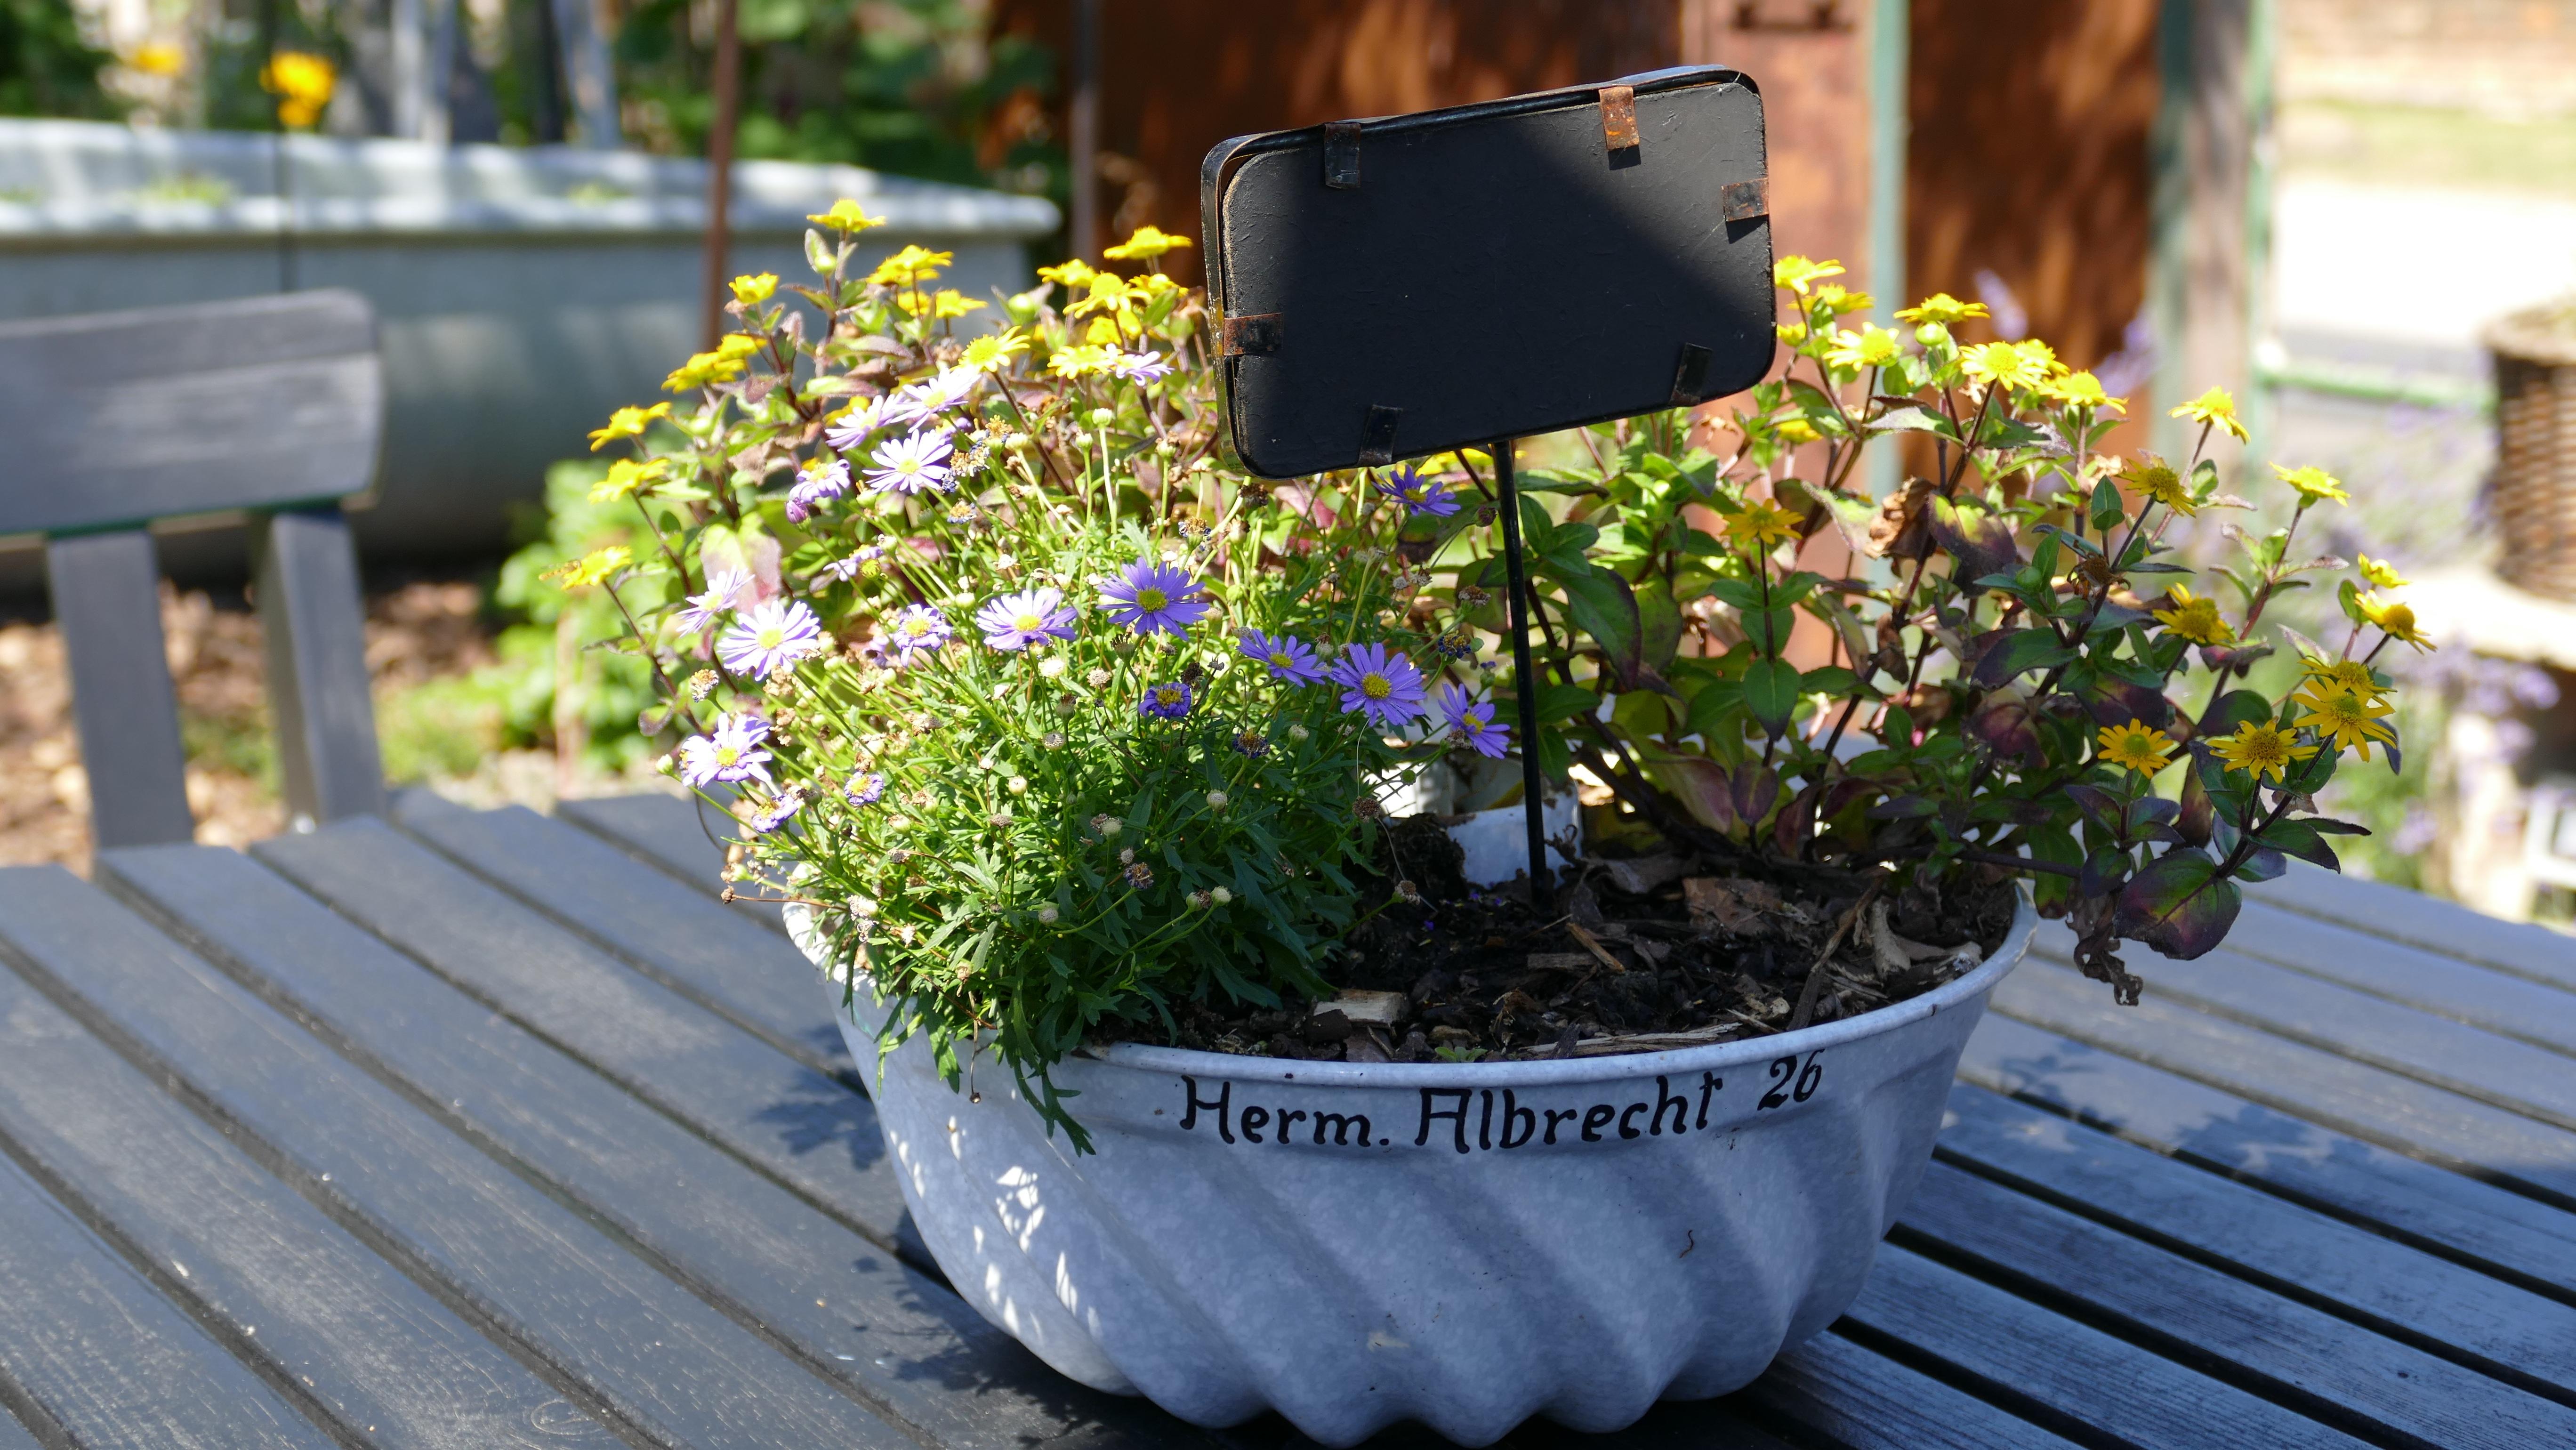 Images Gratuites La Nature Plante Soleil Antique Chaise T D Coration Rural Printemps